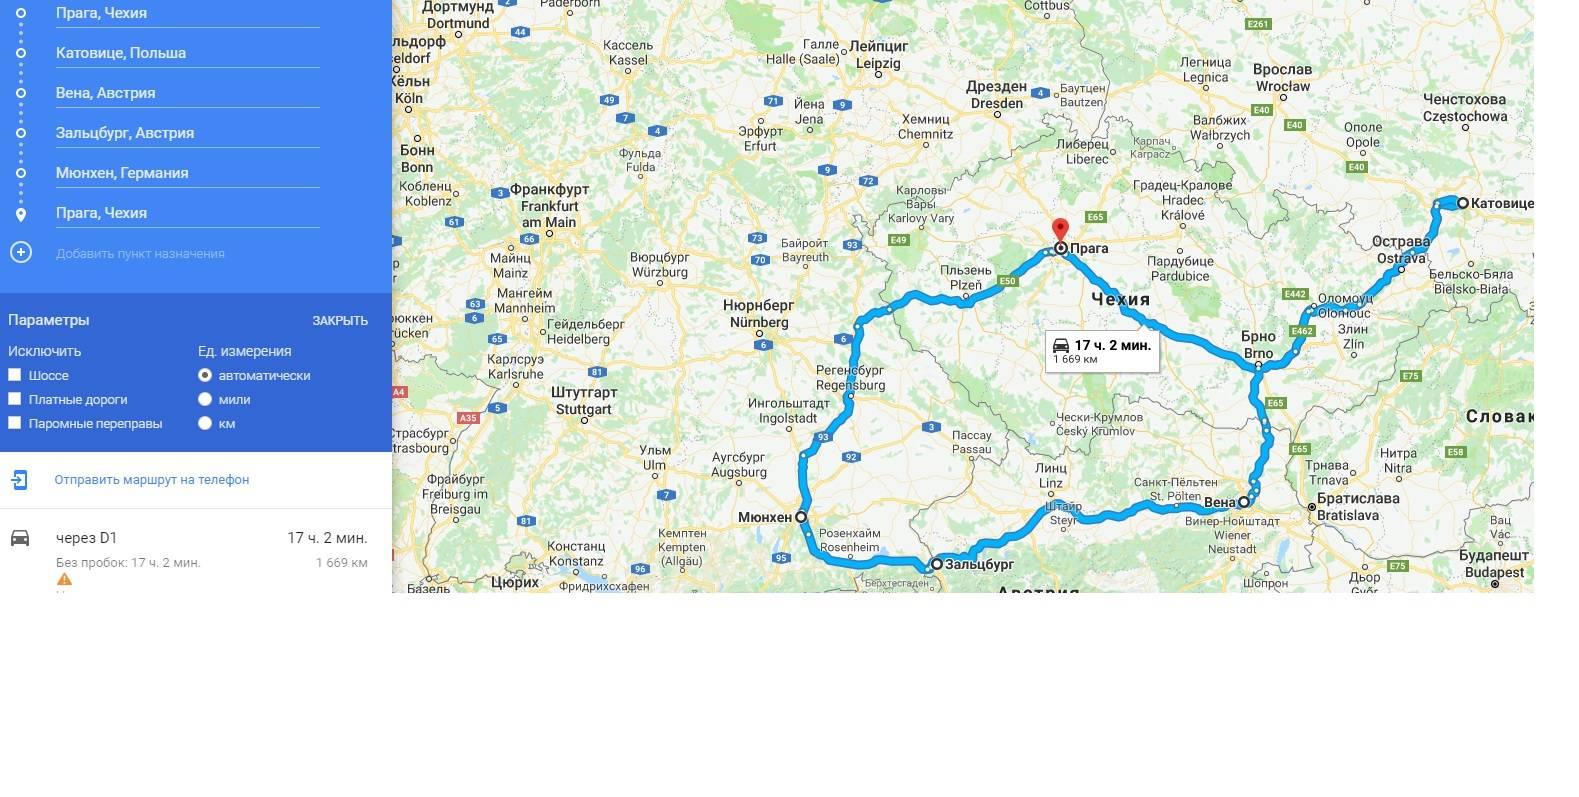 Автомобильная дорога мюнхен прага